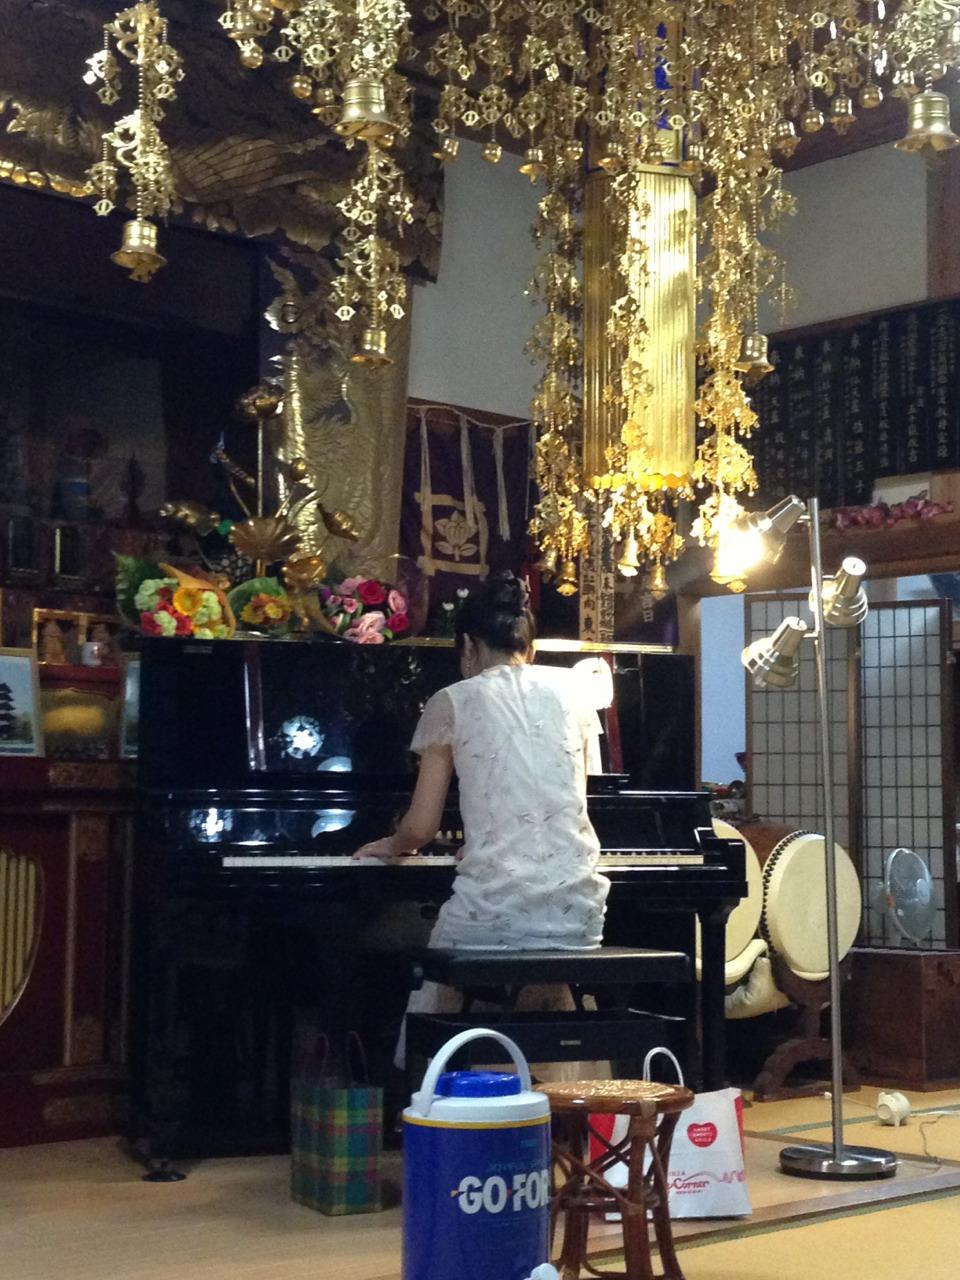 浩子さんお疲れ様。などいろいろ。。おっと直子さんもねw_e0046190_1735254.jpg